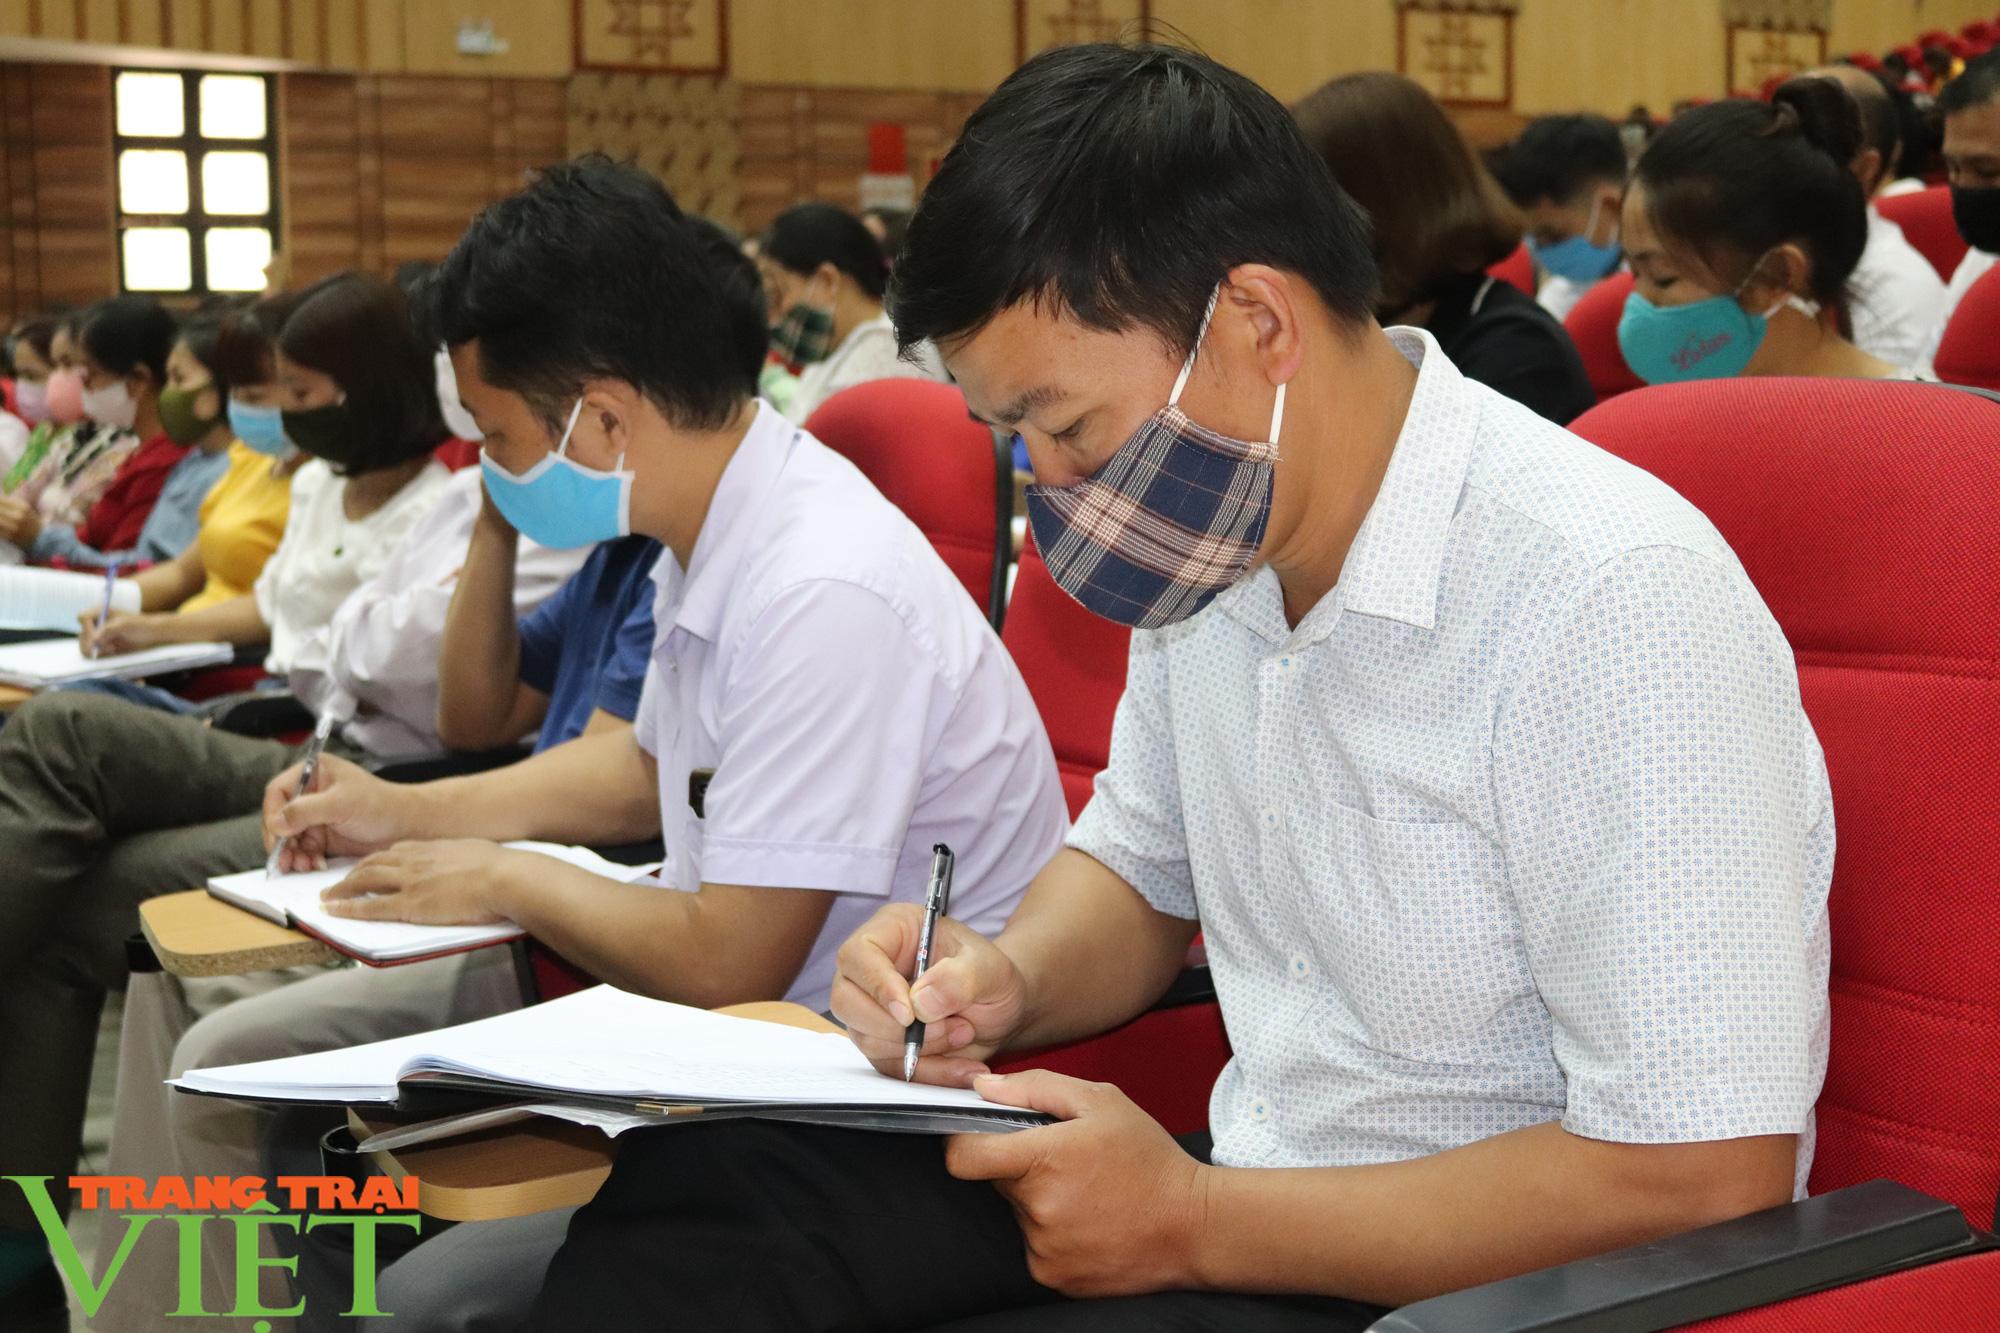 Sơn La: Hơn 1.000 cán bộ, giáo viên được tập huấn quy chế thi THPT năm 2020 - Ảnh 3.